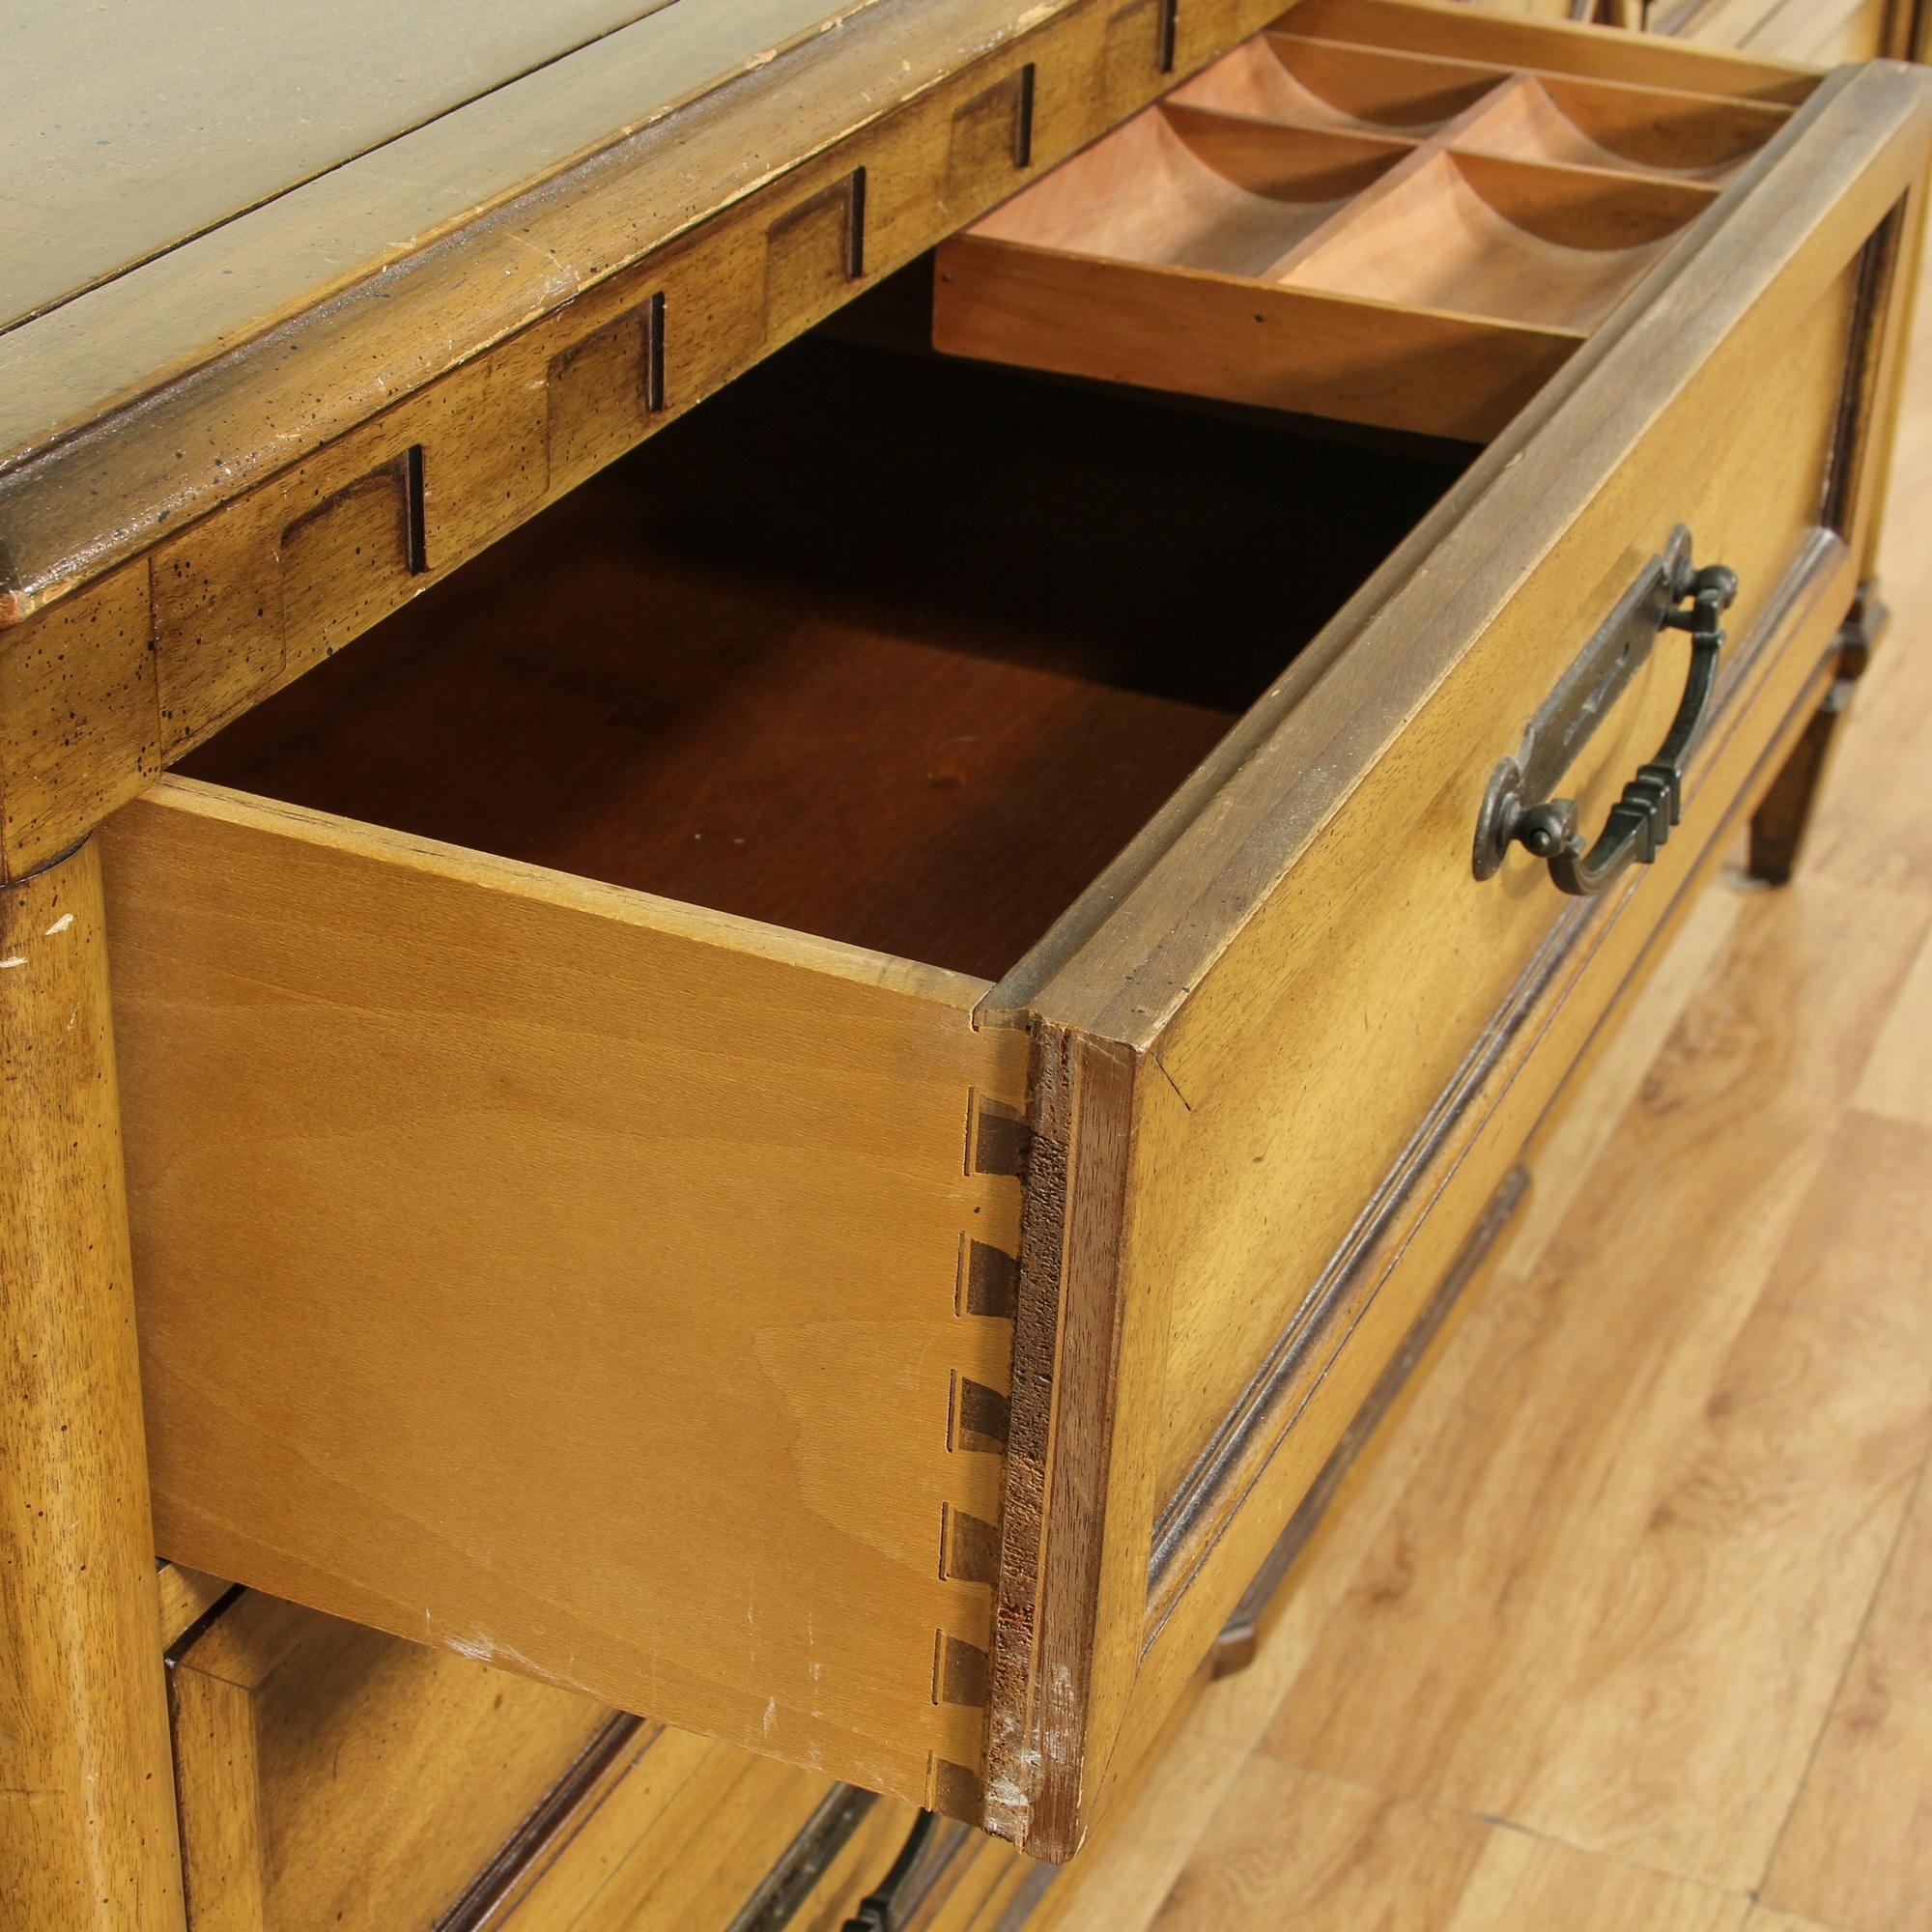 American Furniture Warehouse Desks ... Dresser w/ Mirror | Loveseat Vintage Furniture San Diego & Los Angeles